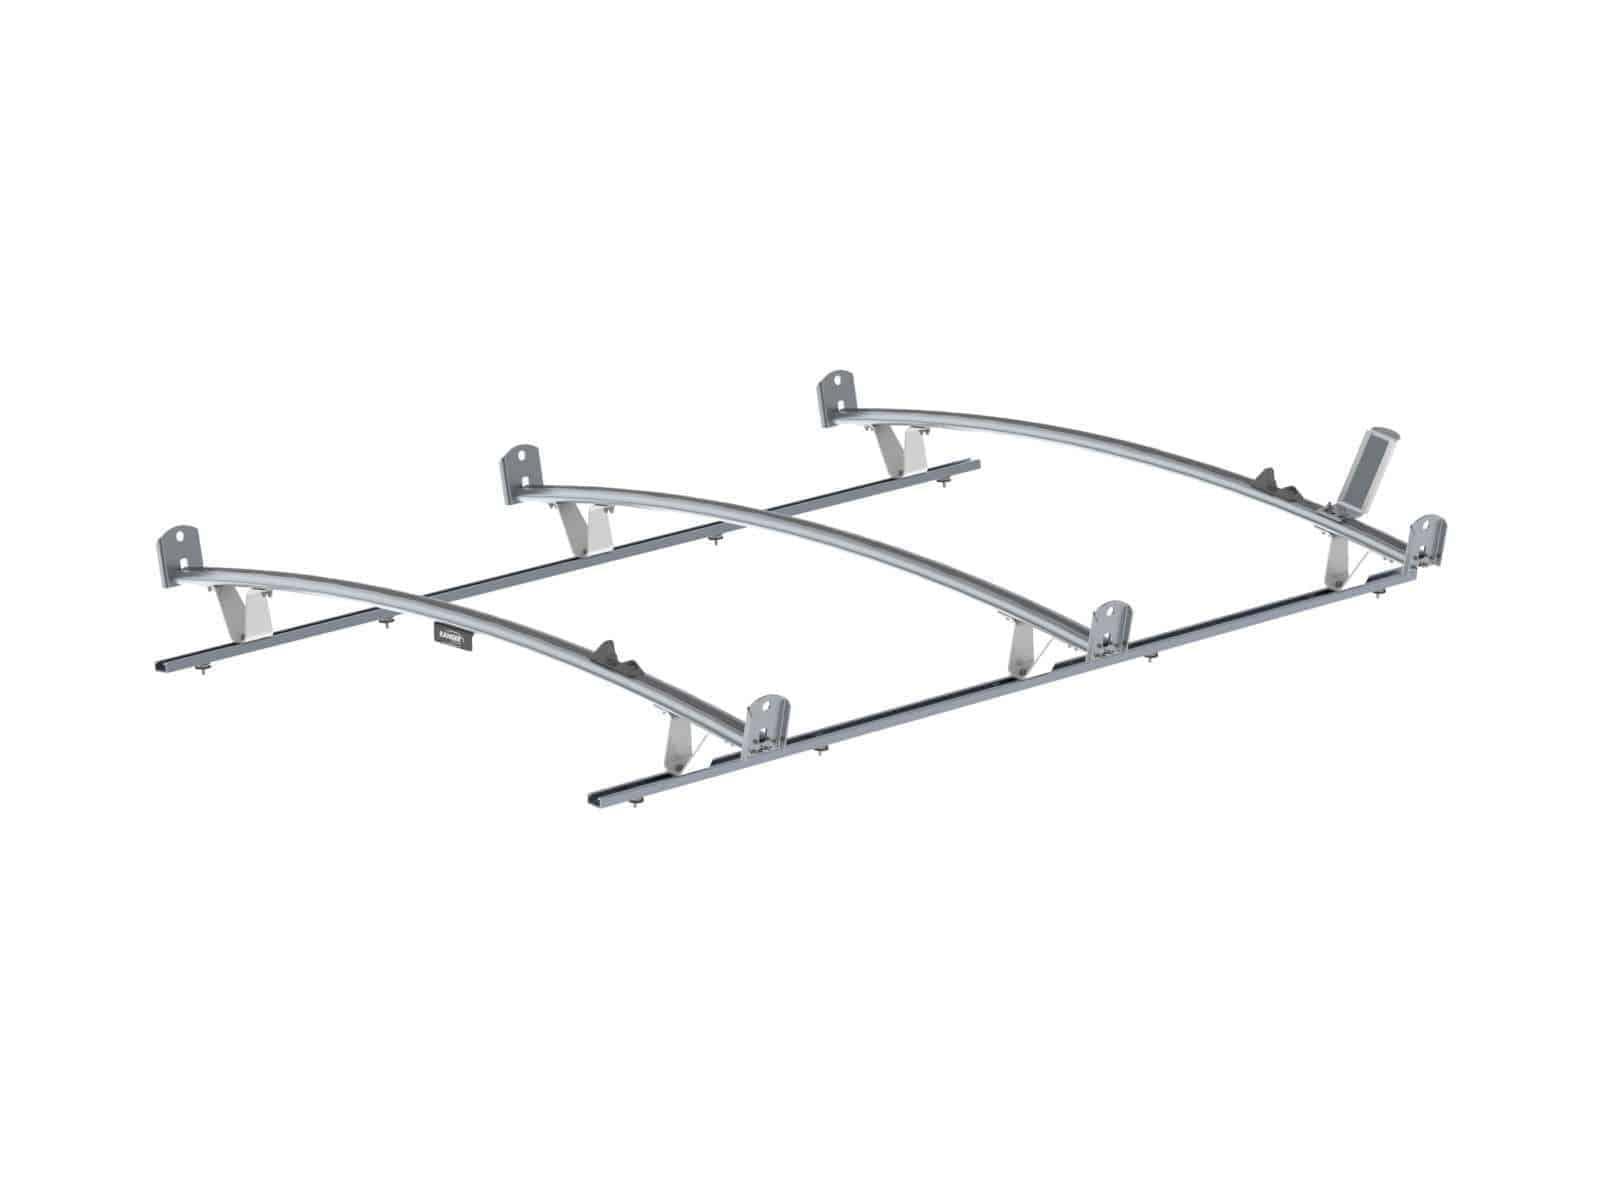 Standard Ladder Rack For Ford Transit 3 Bar System